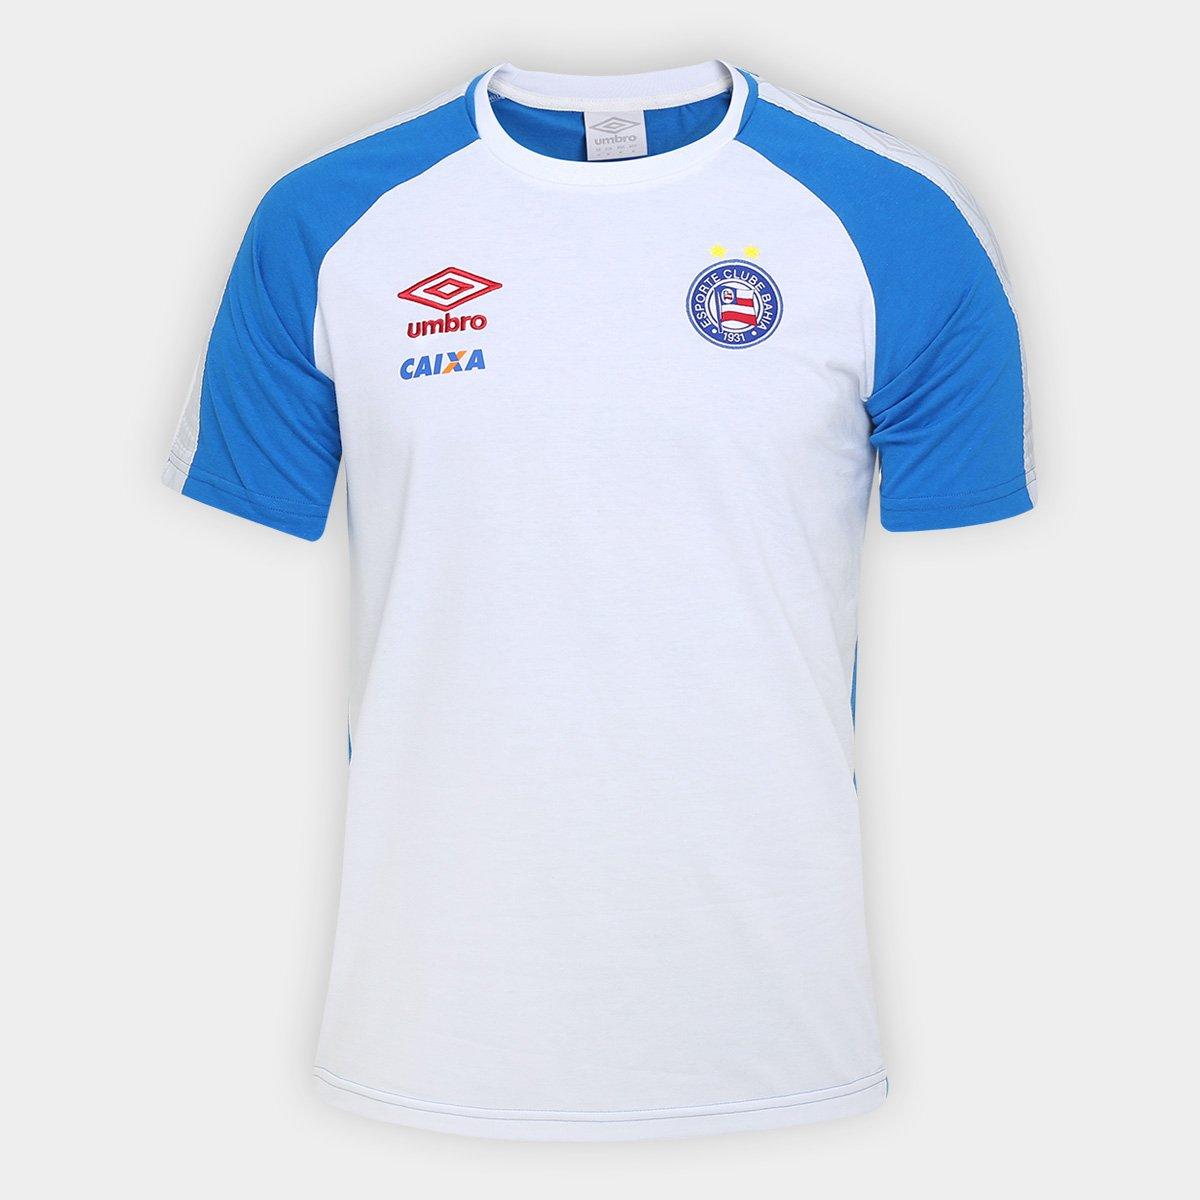 Camiseta Bahia Umbro Concentração 17 18 Masculina dc061dce81c6b